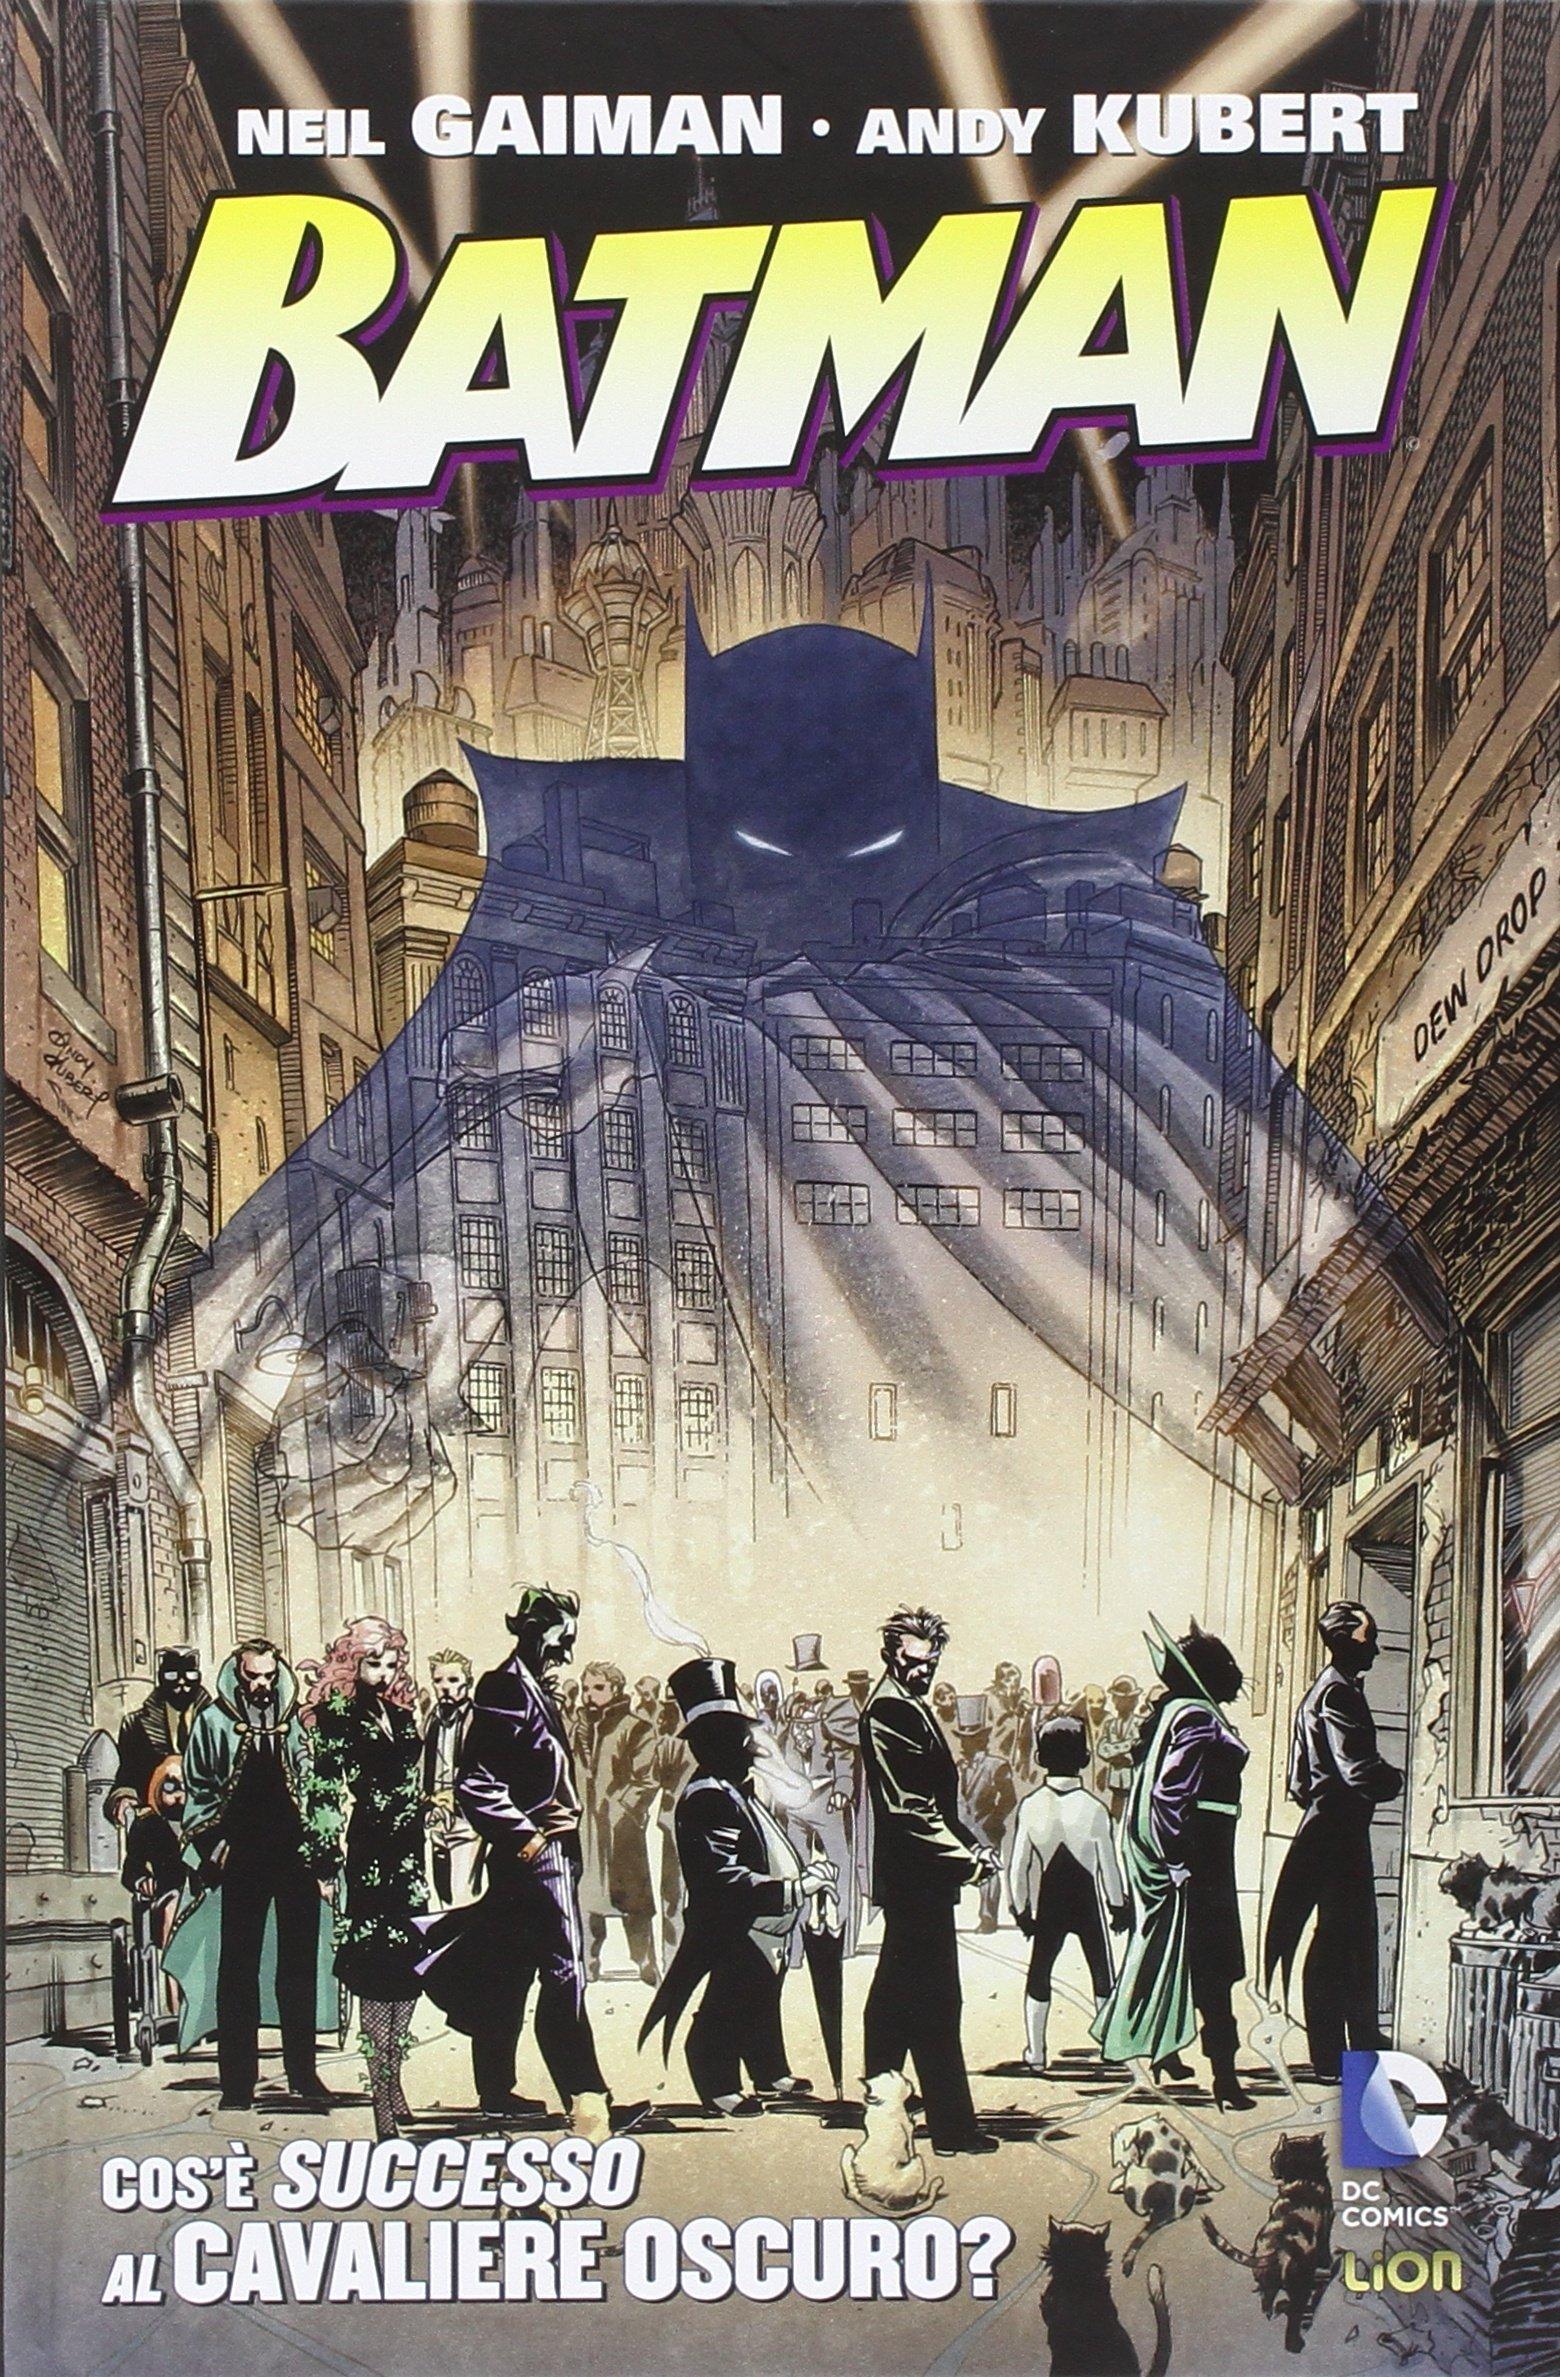 Batman: Cos'è successo al cavaliere oscuro?